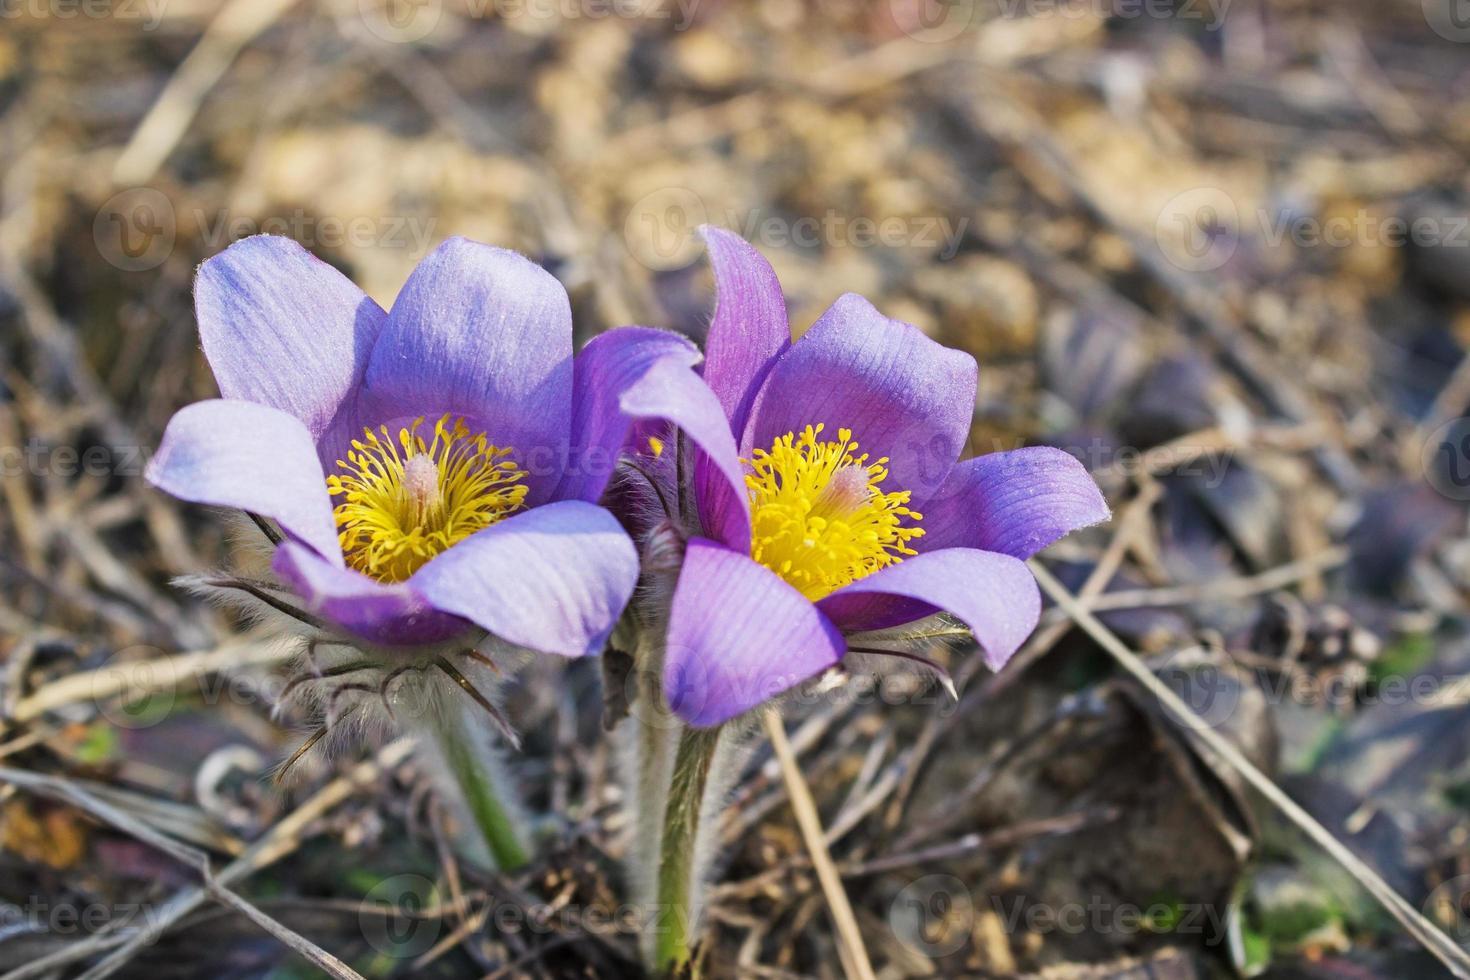 violette Schneeglöckchen blühen Frühling im Wald foto